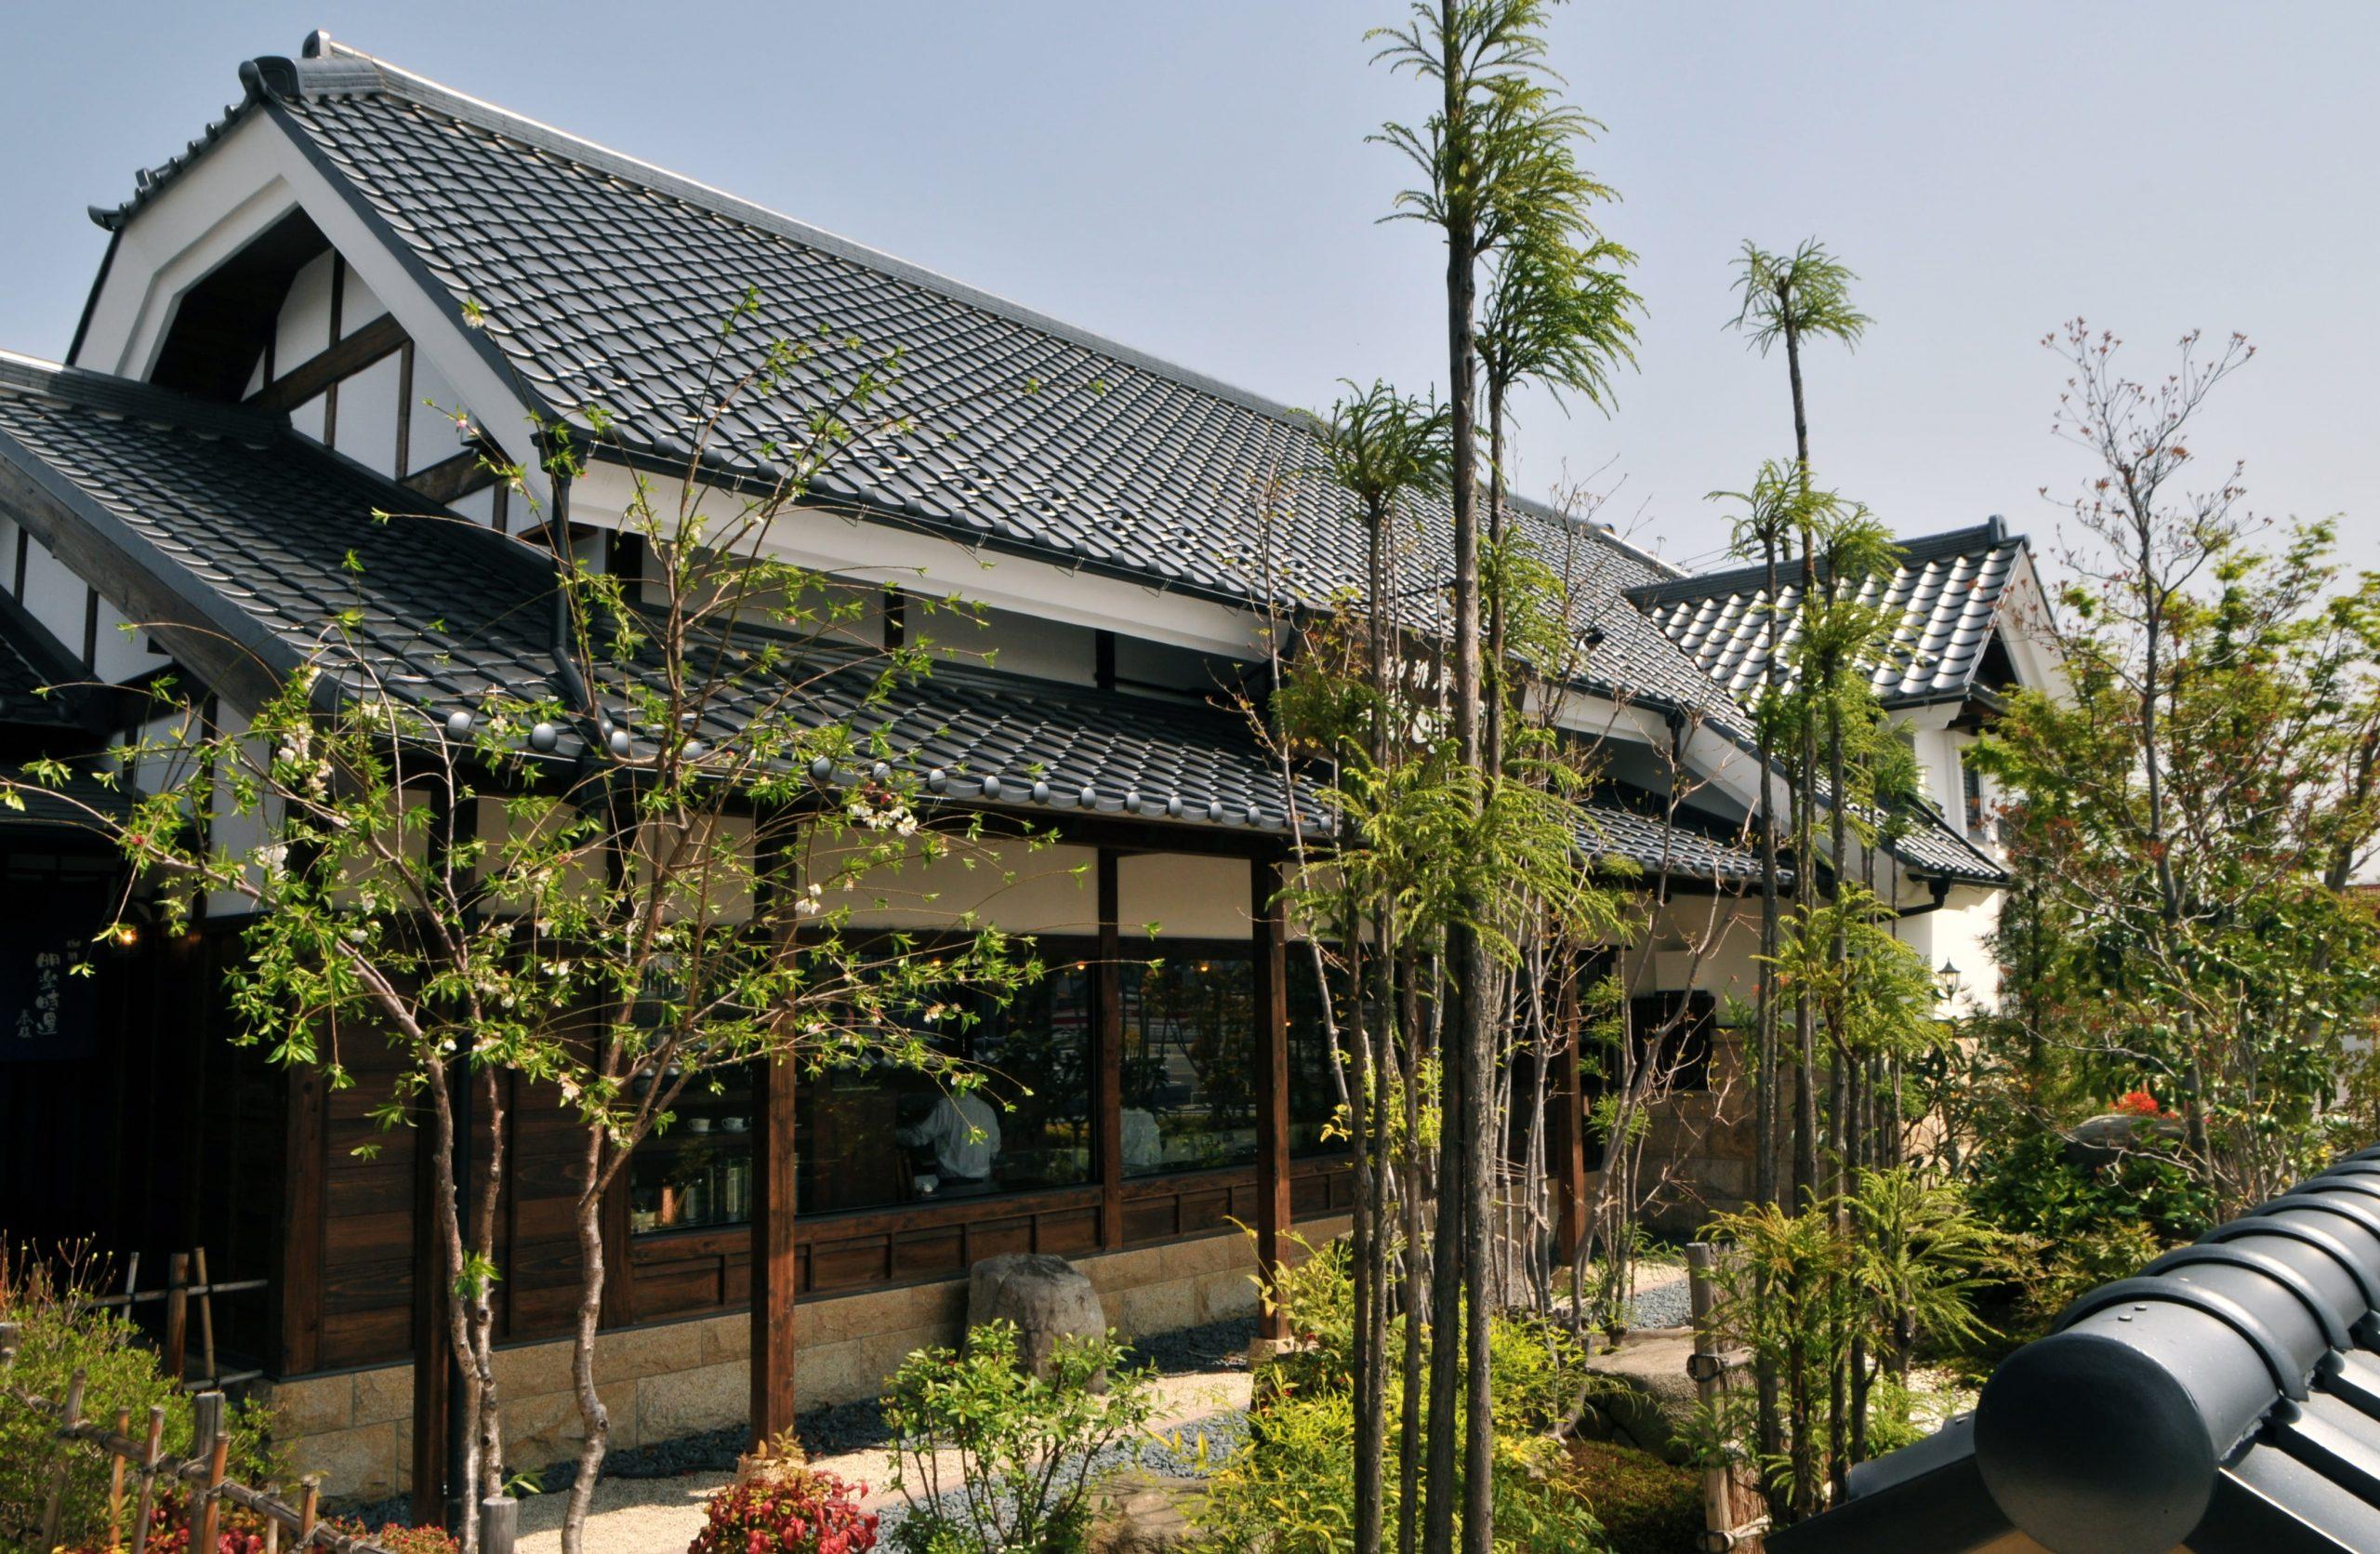 「創業40年の工務店」一級建築士事務所、愛知県小牧市「和田建設」が設計デザイン・建築した、岐阜県各務原市のカフェです。